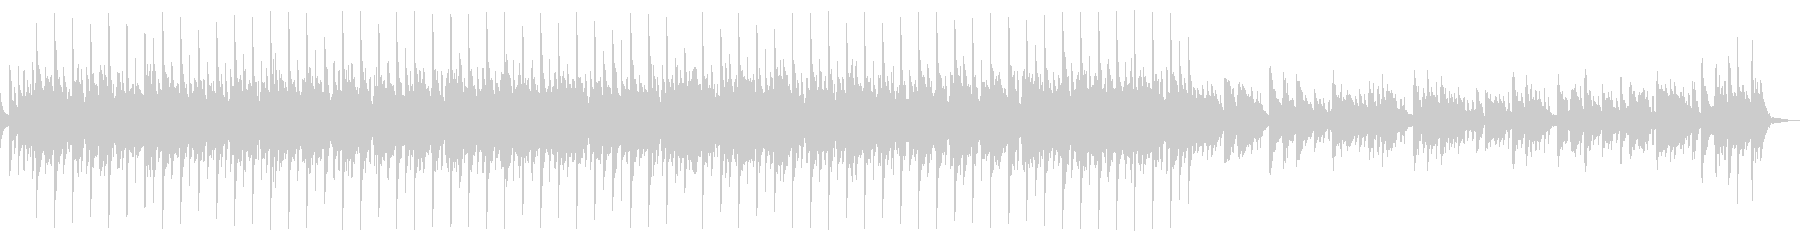 キラキラでかわいいアコギと鉄琴60秒版の未再生の波形